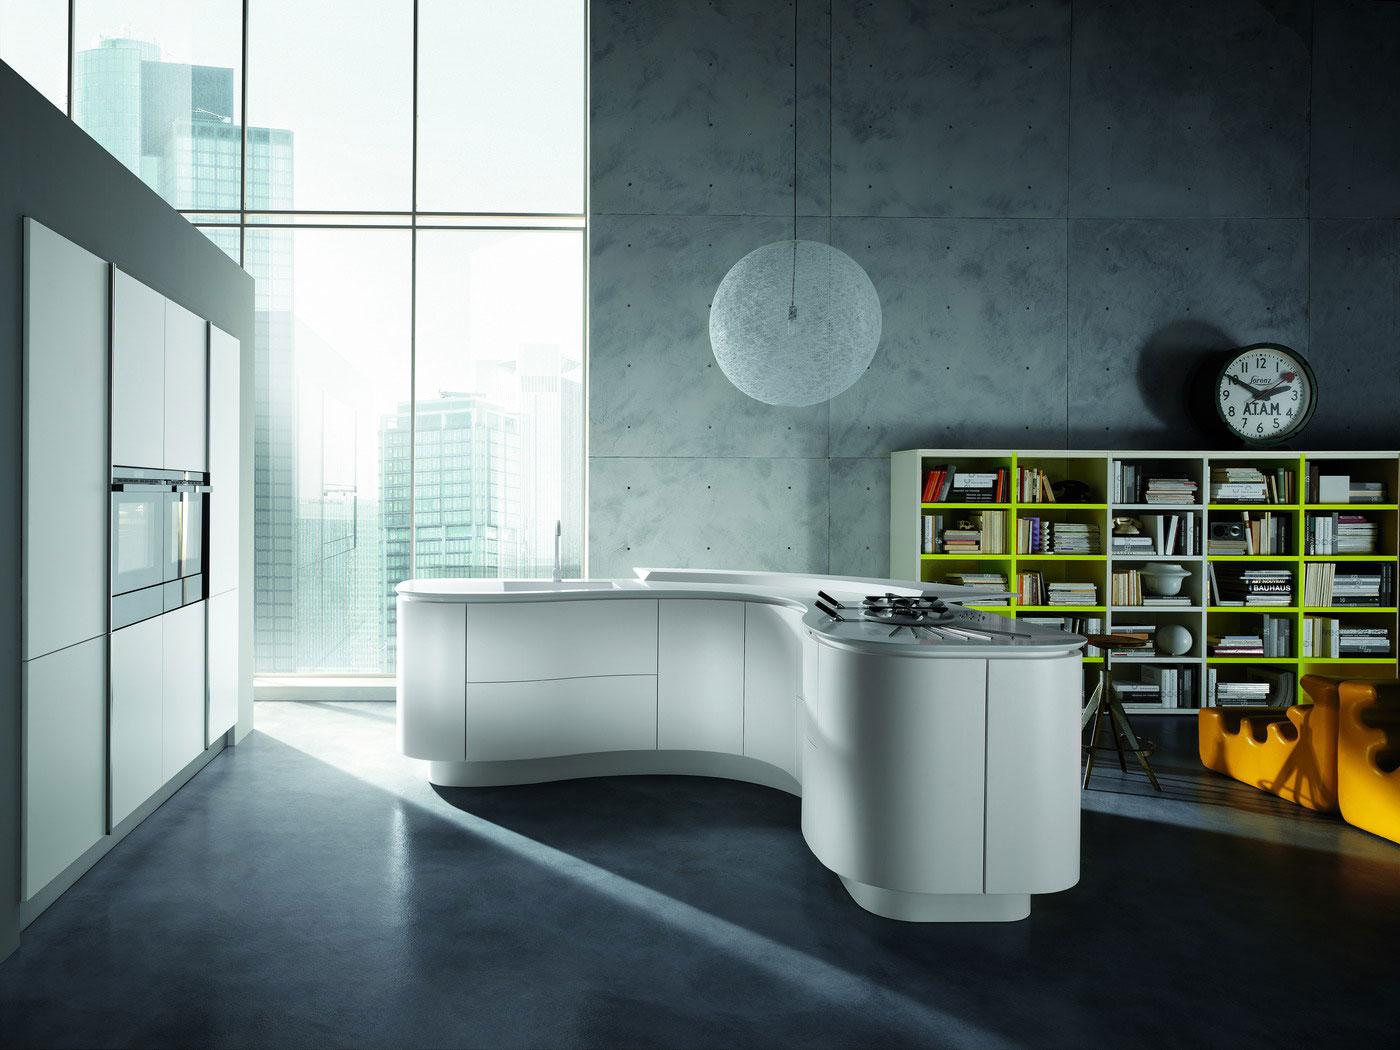 Cuisine ronde 9 - Photo de cuisine moderne design contemporaine luxe